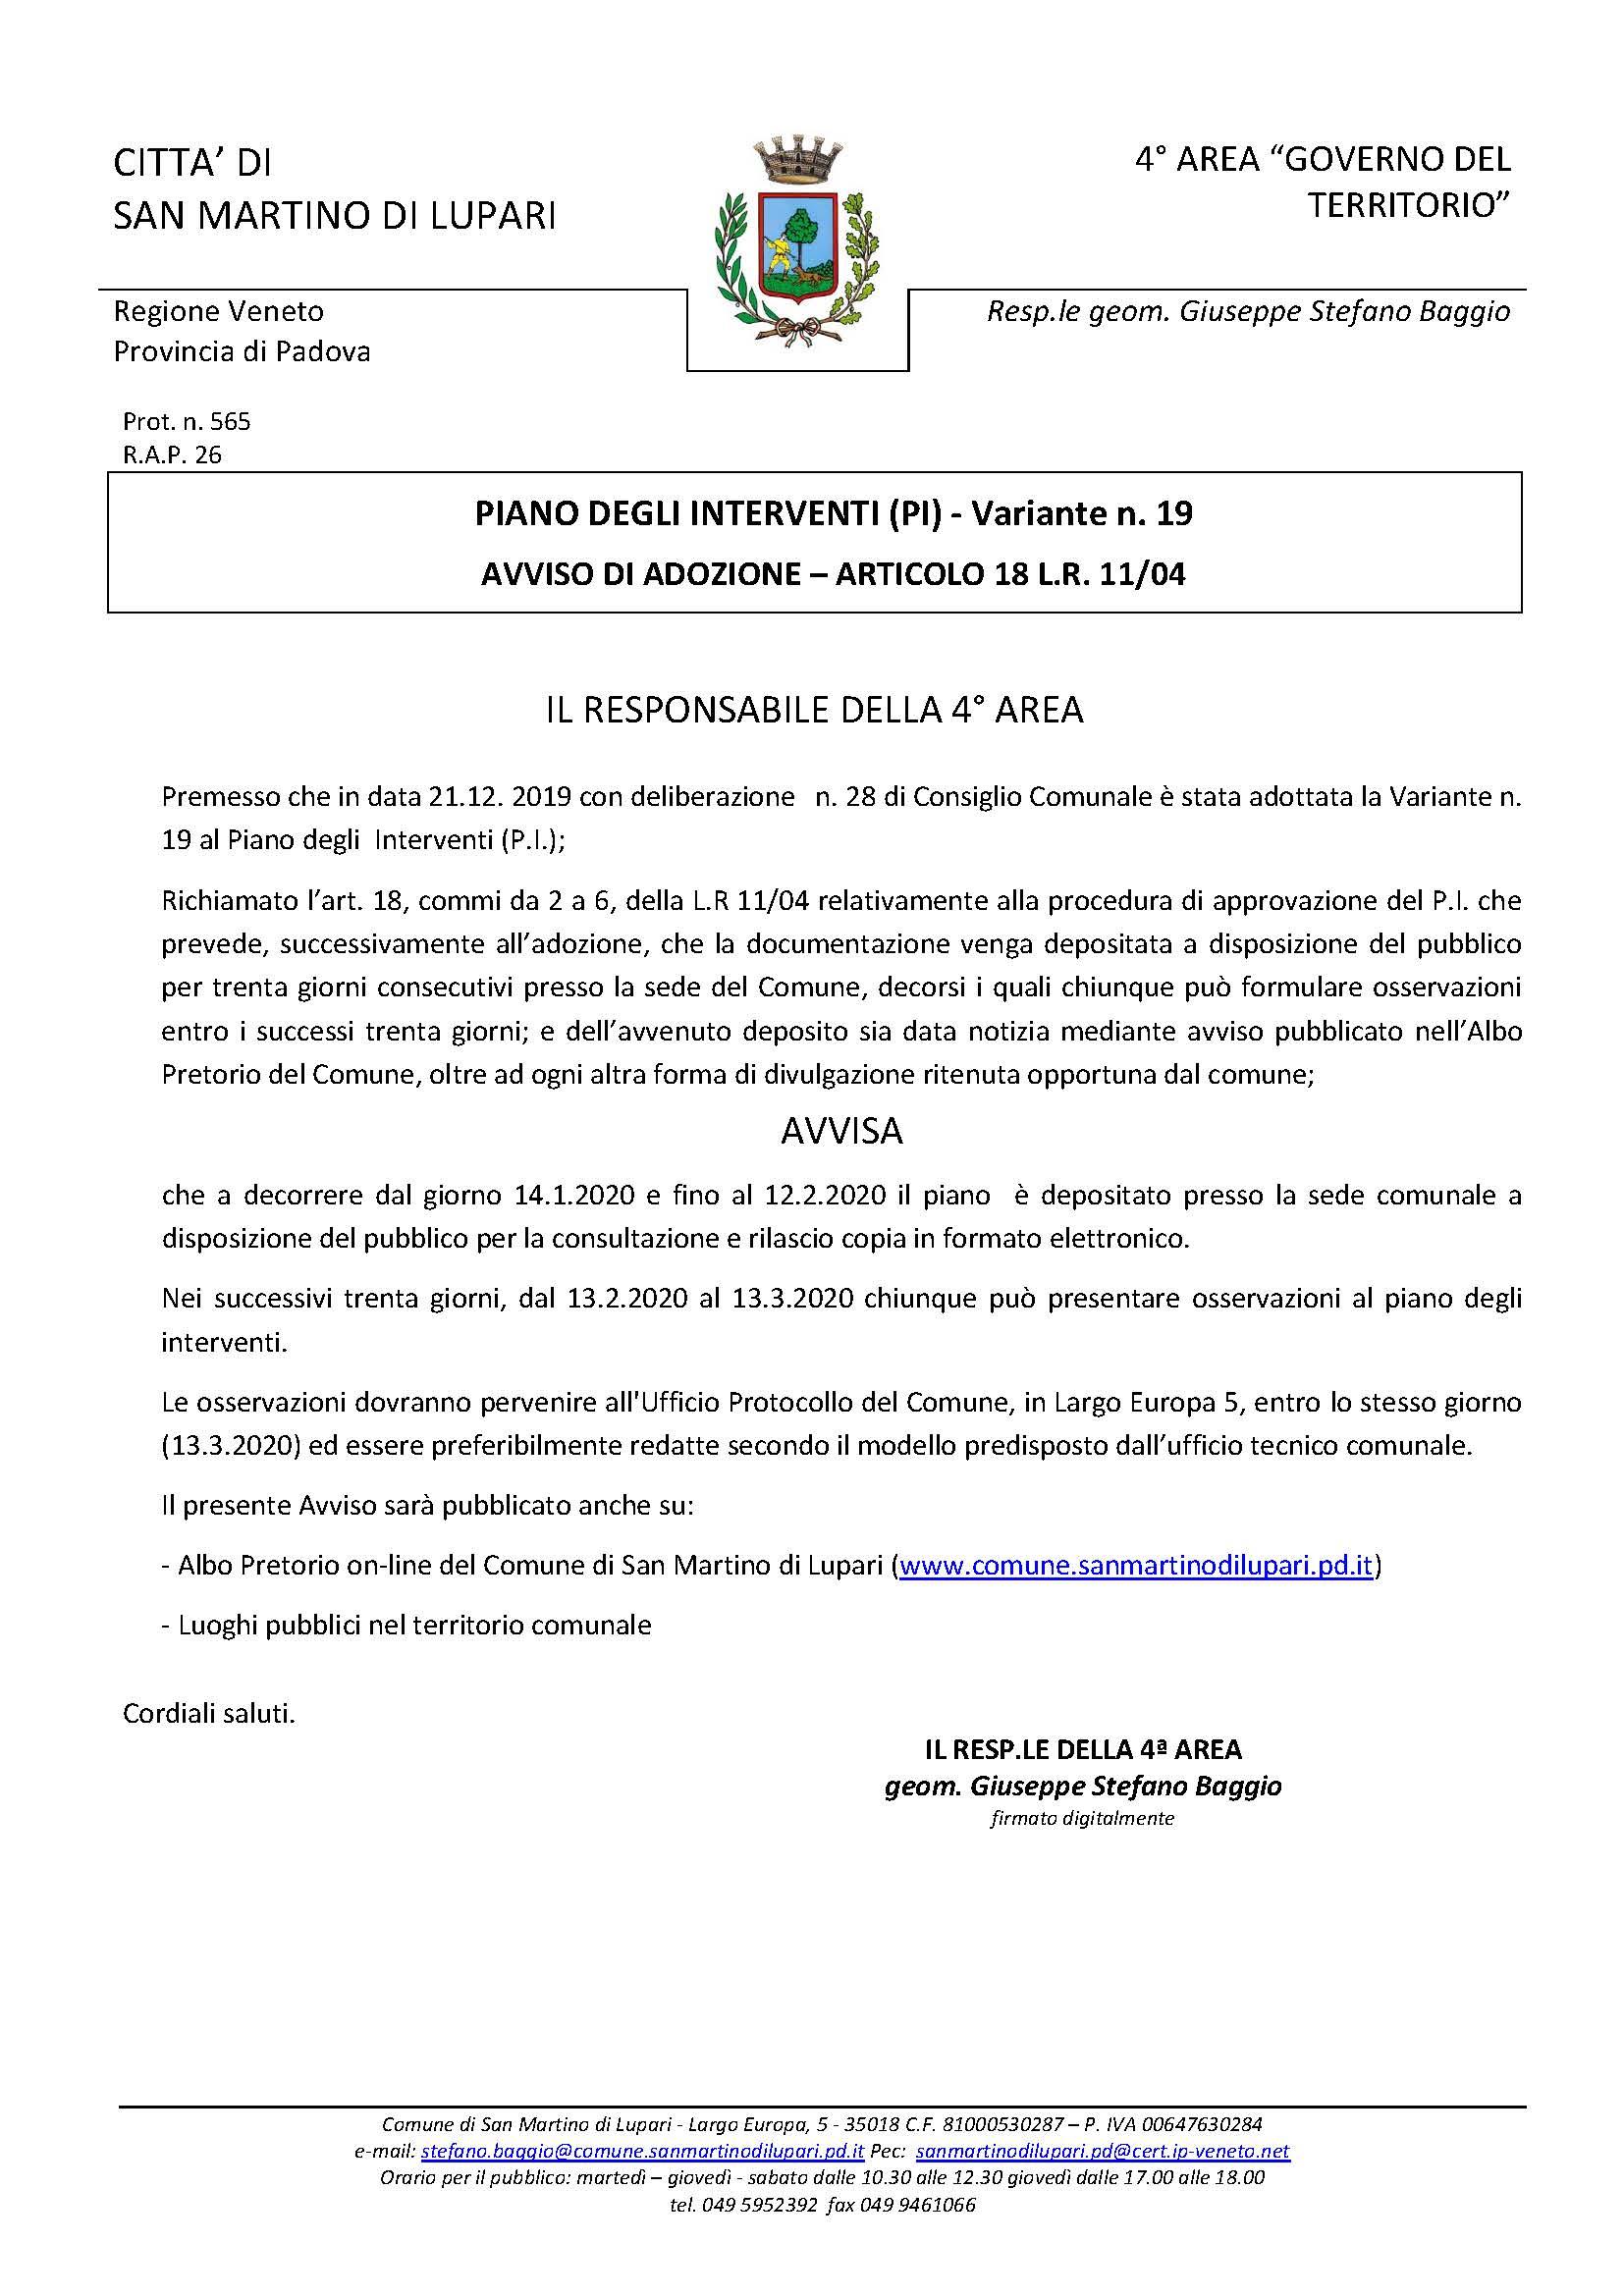 PIANO DEGLI INTERVENTI VARIANTE N. 19 – AVVISO DI ADOZIONE – ARTICOLO 18 L.R. 11/04